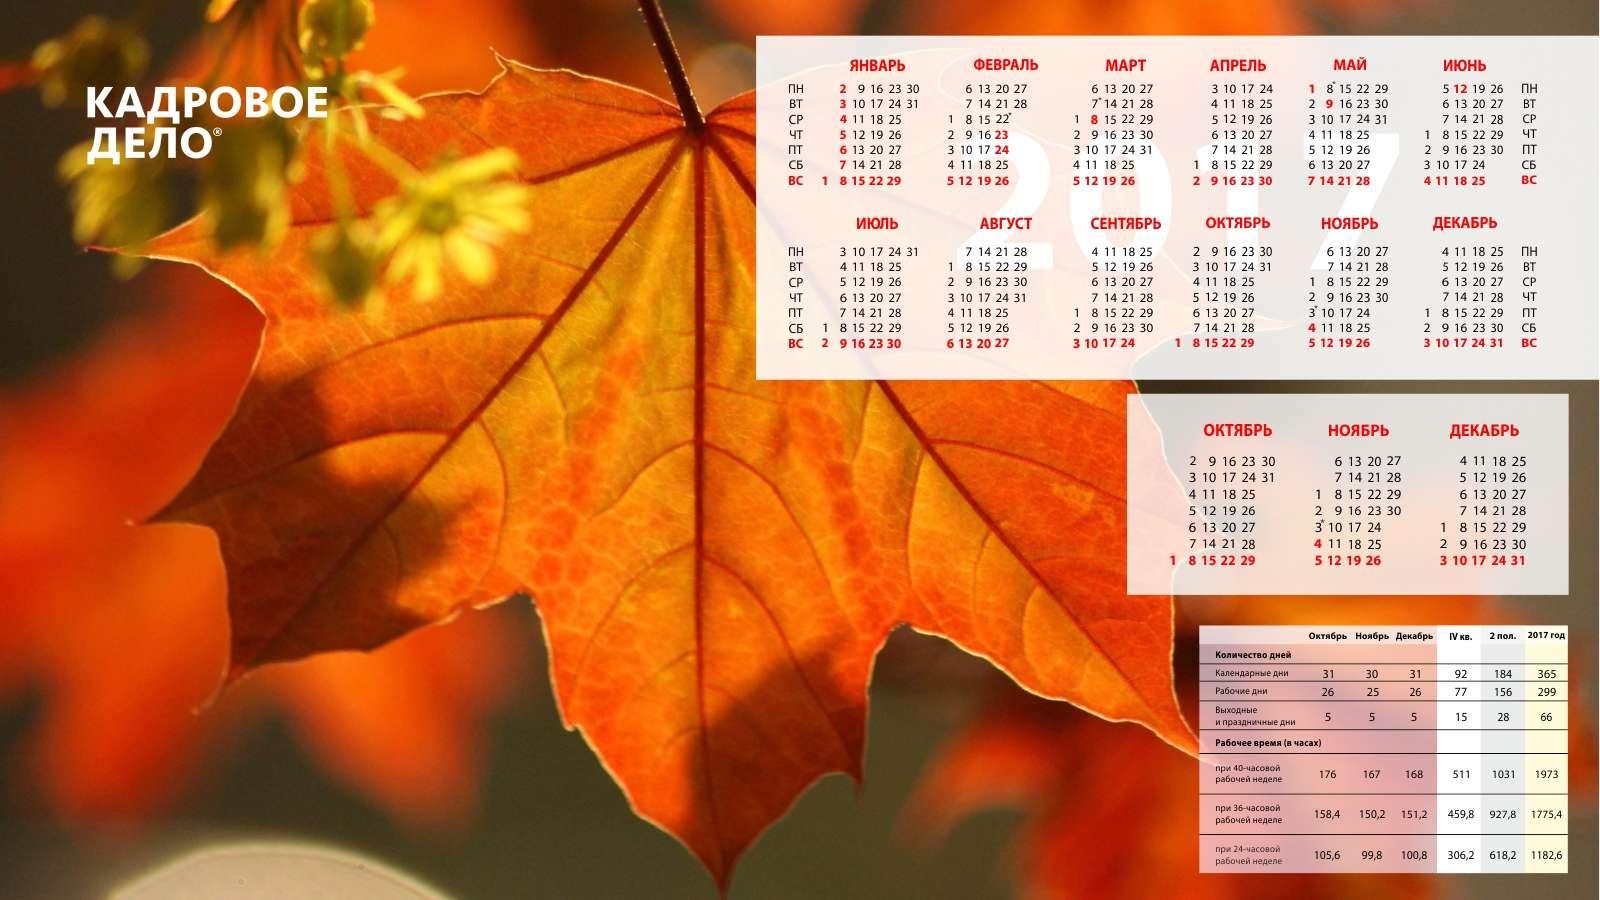 О подготовке календаря знаменательных и памятных дат